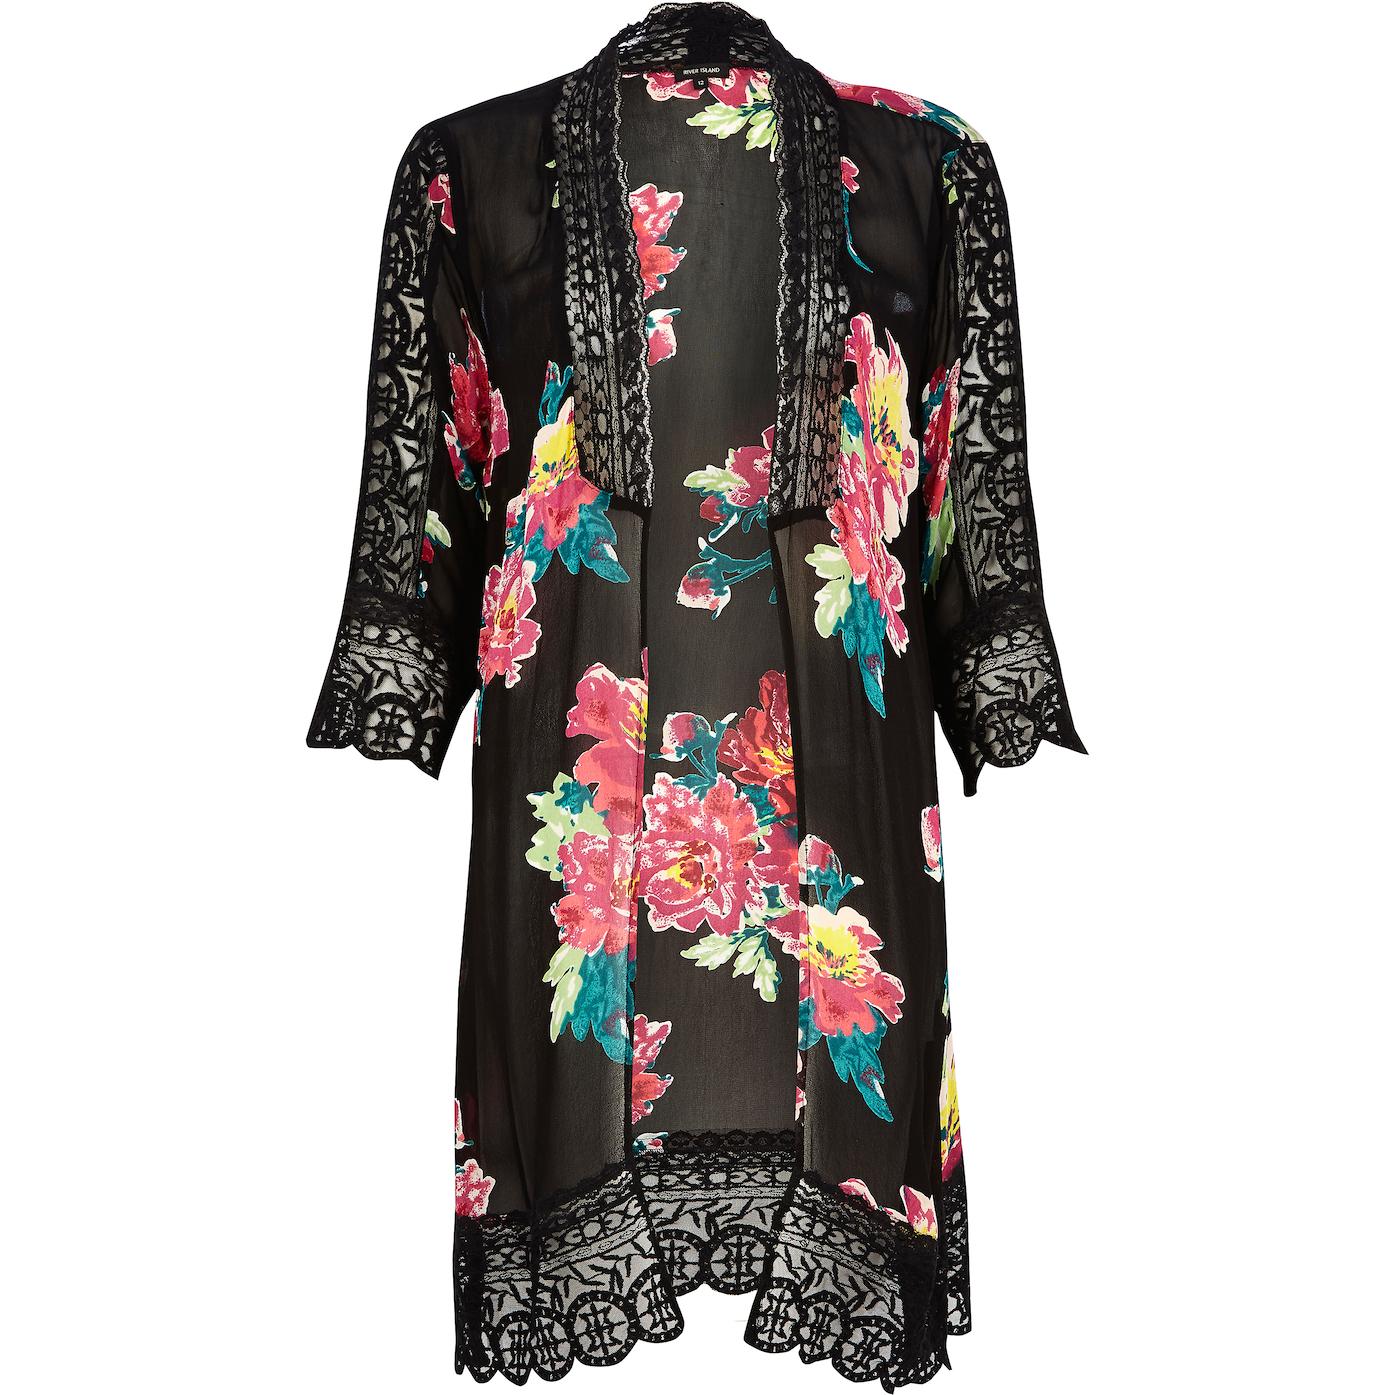 River Island_R829_black floral Victorian kimono_653281